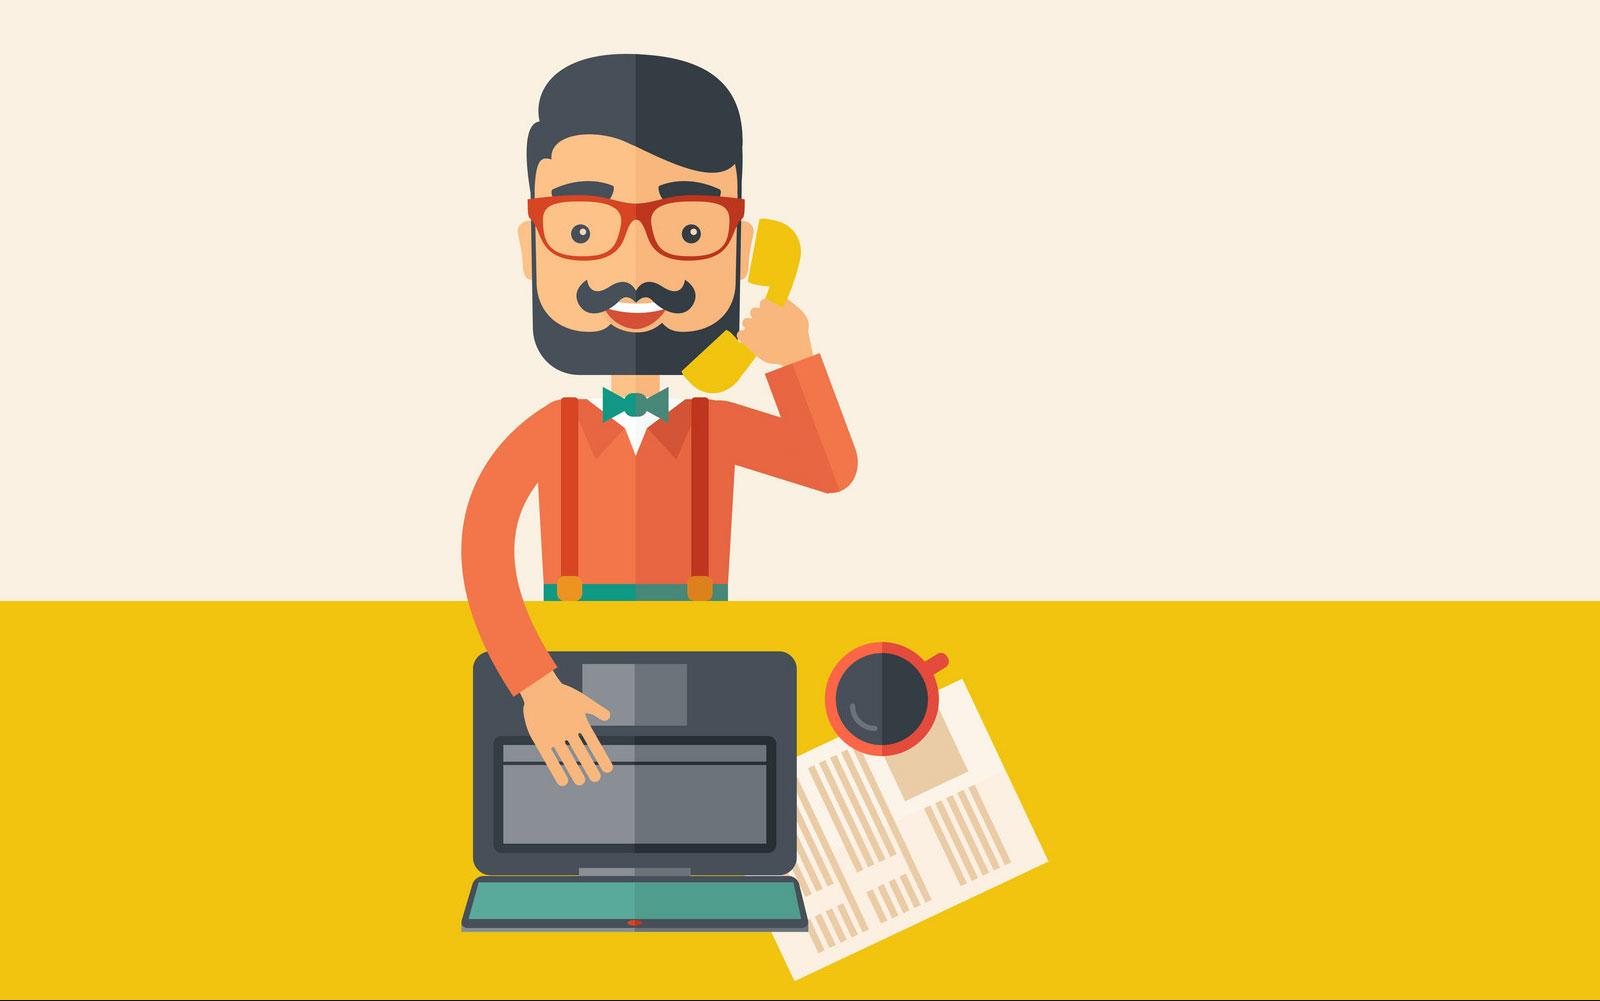 VENDERE AL TELEFONO CON SUCCESSO (Venerdì 11 dicembre) - Federalberghi Riccione